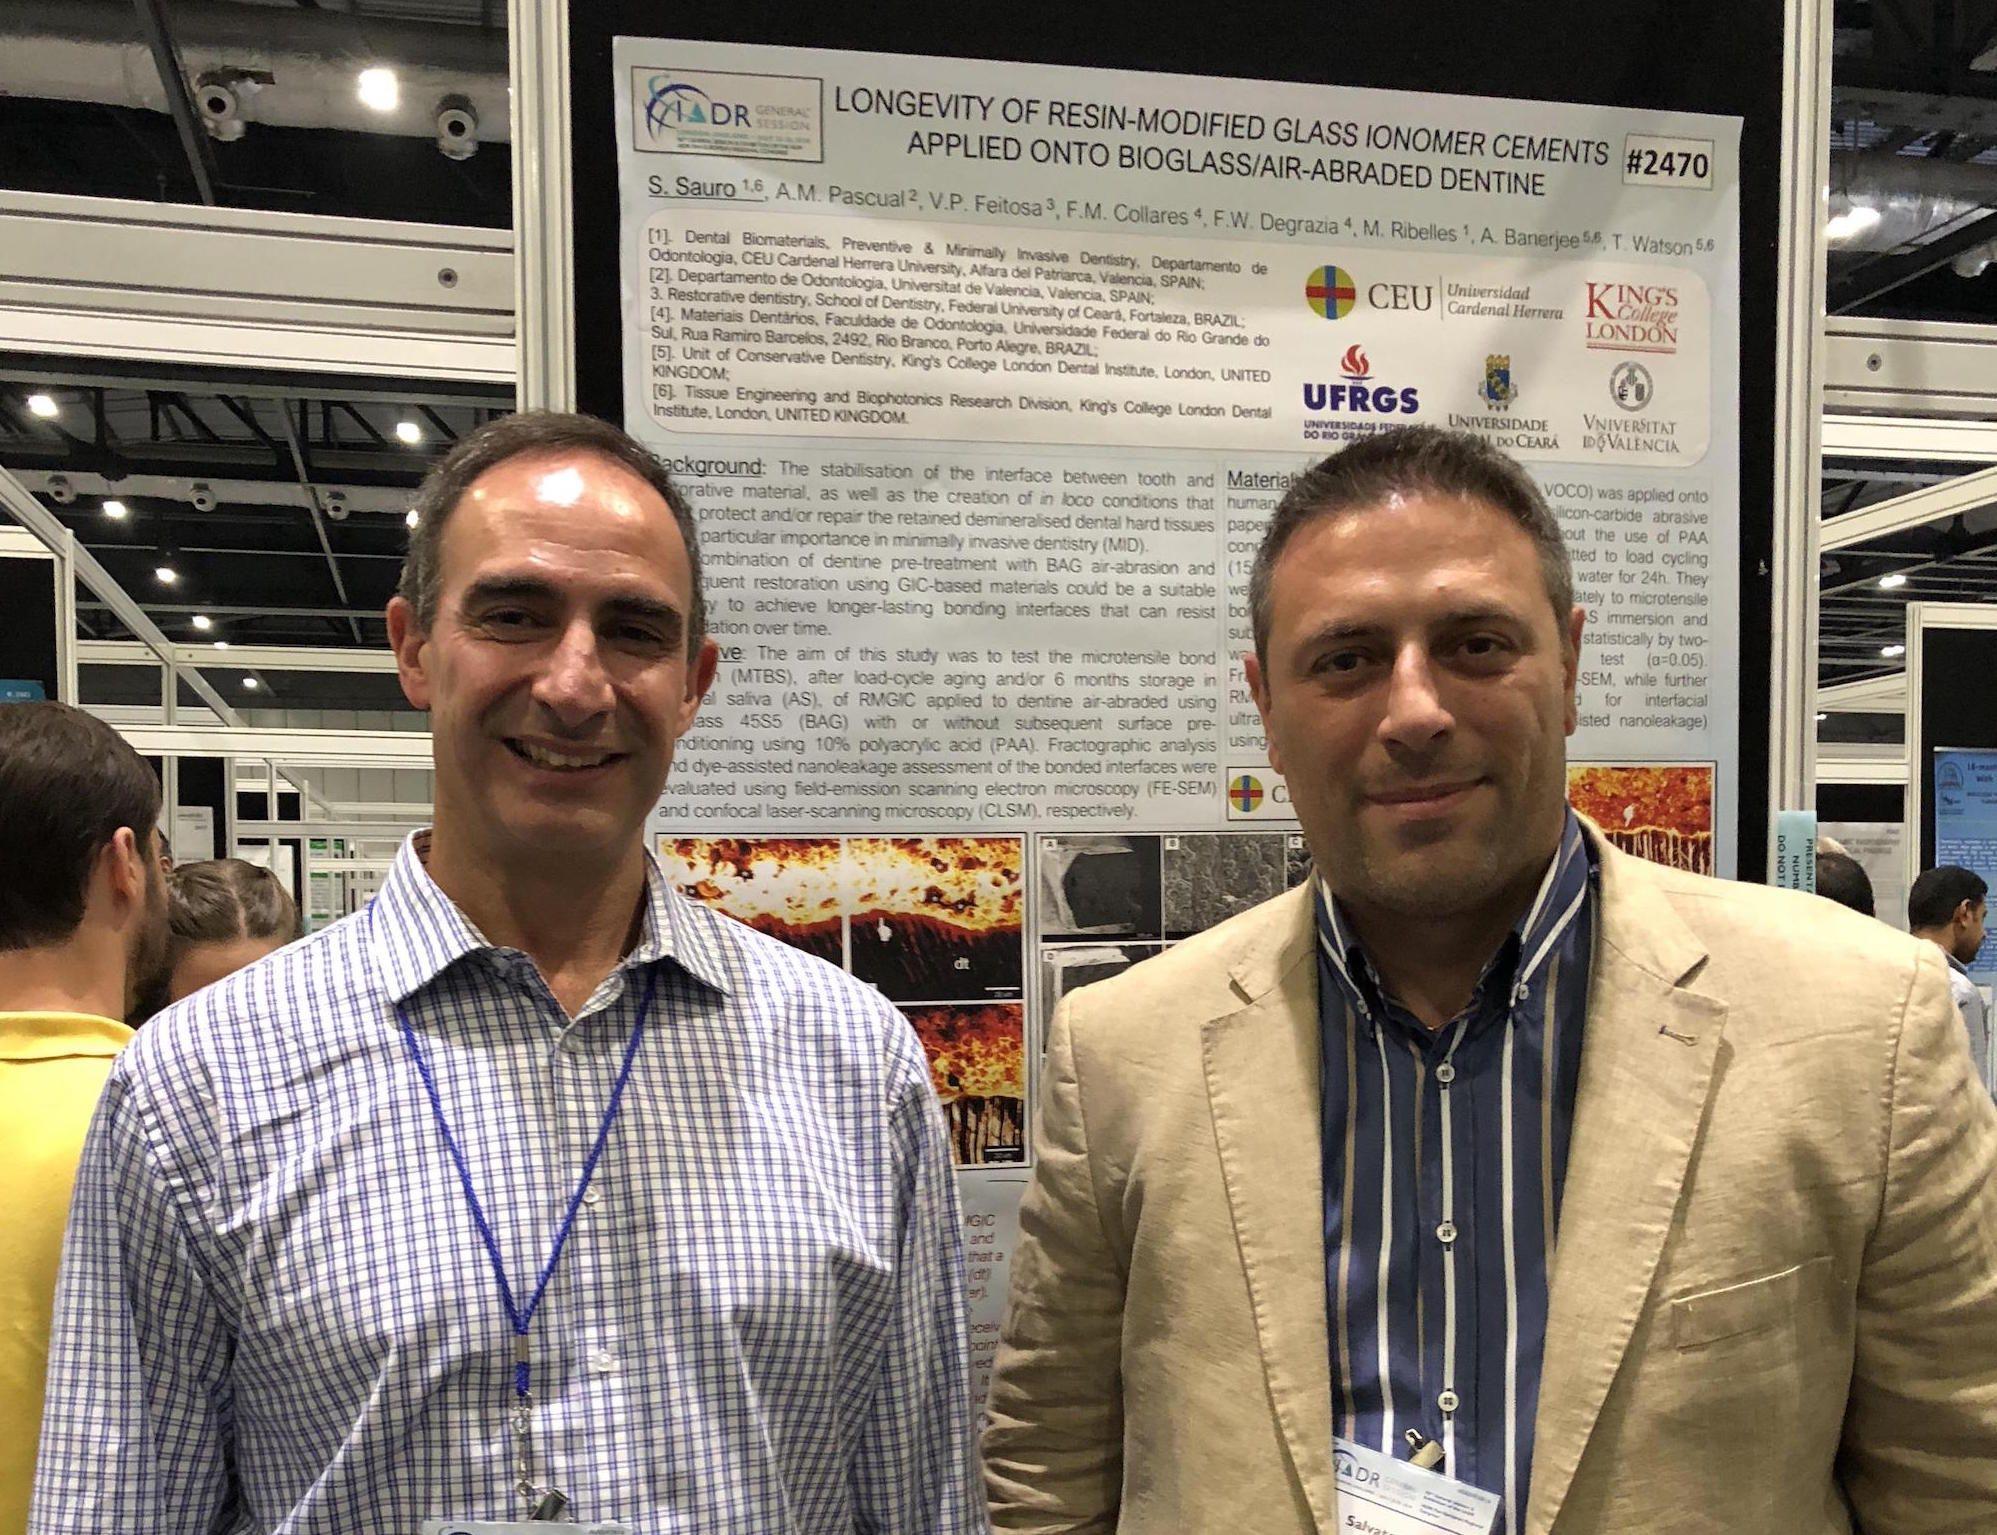 El presidente del Grupo de Materiales Gentales de la IADR, Ricardo Carvalho, con el profesor Salvatore Sauro, en el Congreso Paneuropeo de la IADR, en Londres.